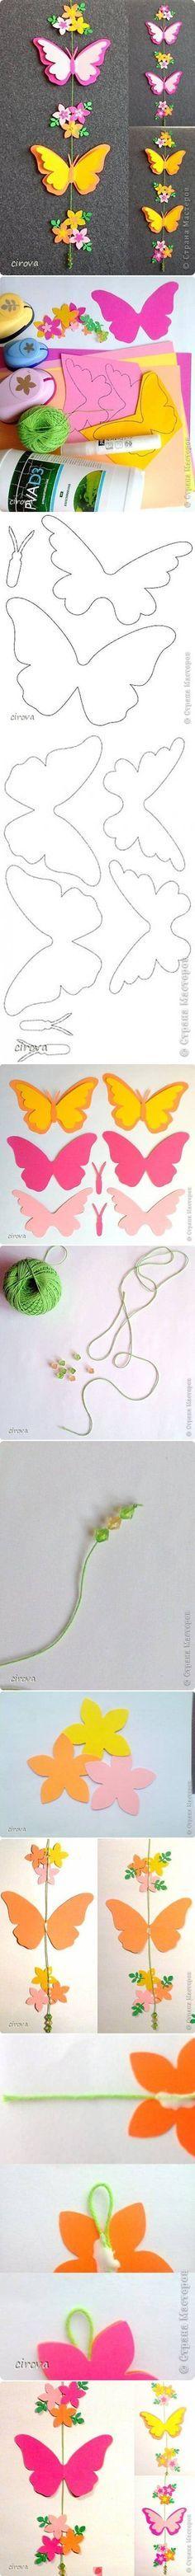 Vrolijke Voorjaarslinger van vilten Vlinders Zelf maken? Kijk voor vilt en andere materialen eens op http://www.bijviltenzo.nl: